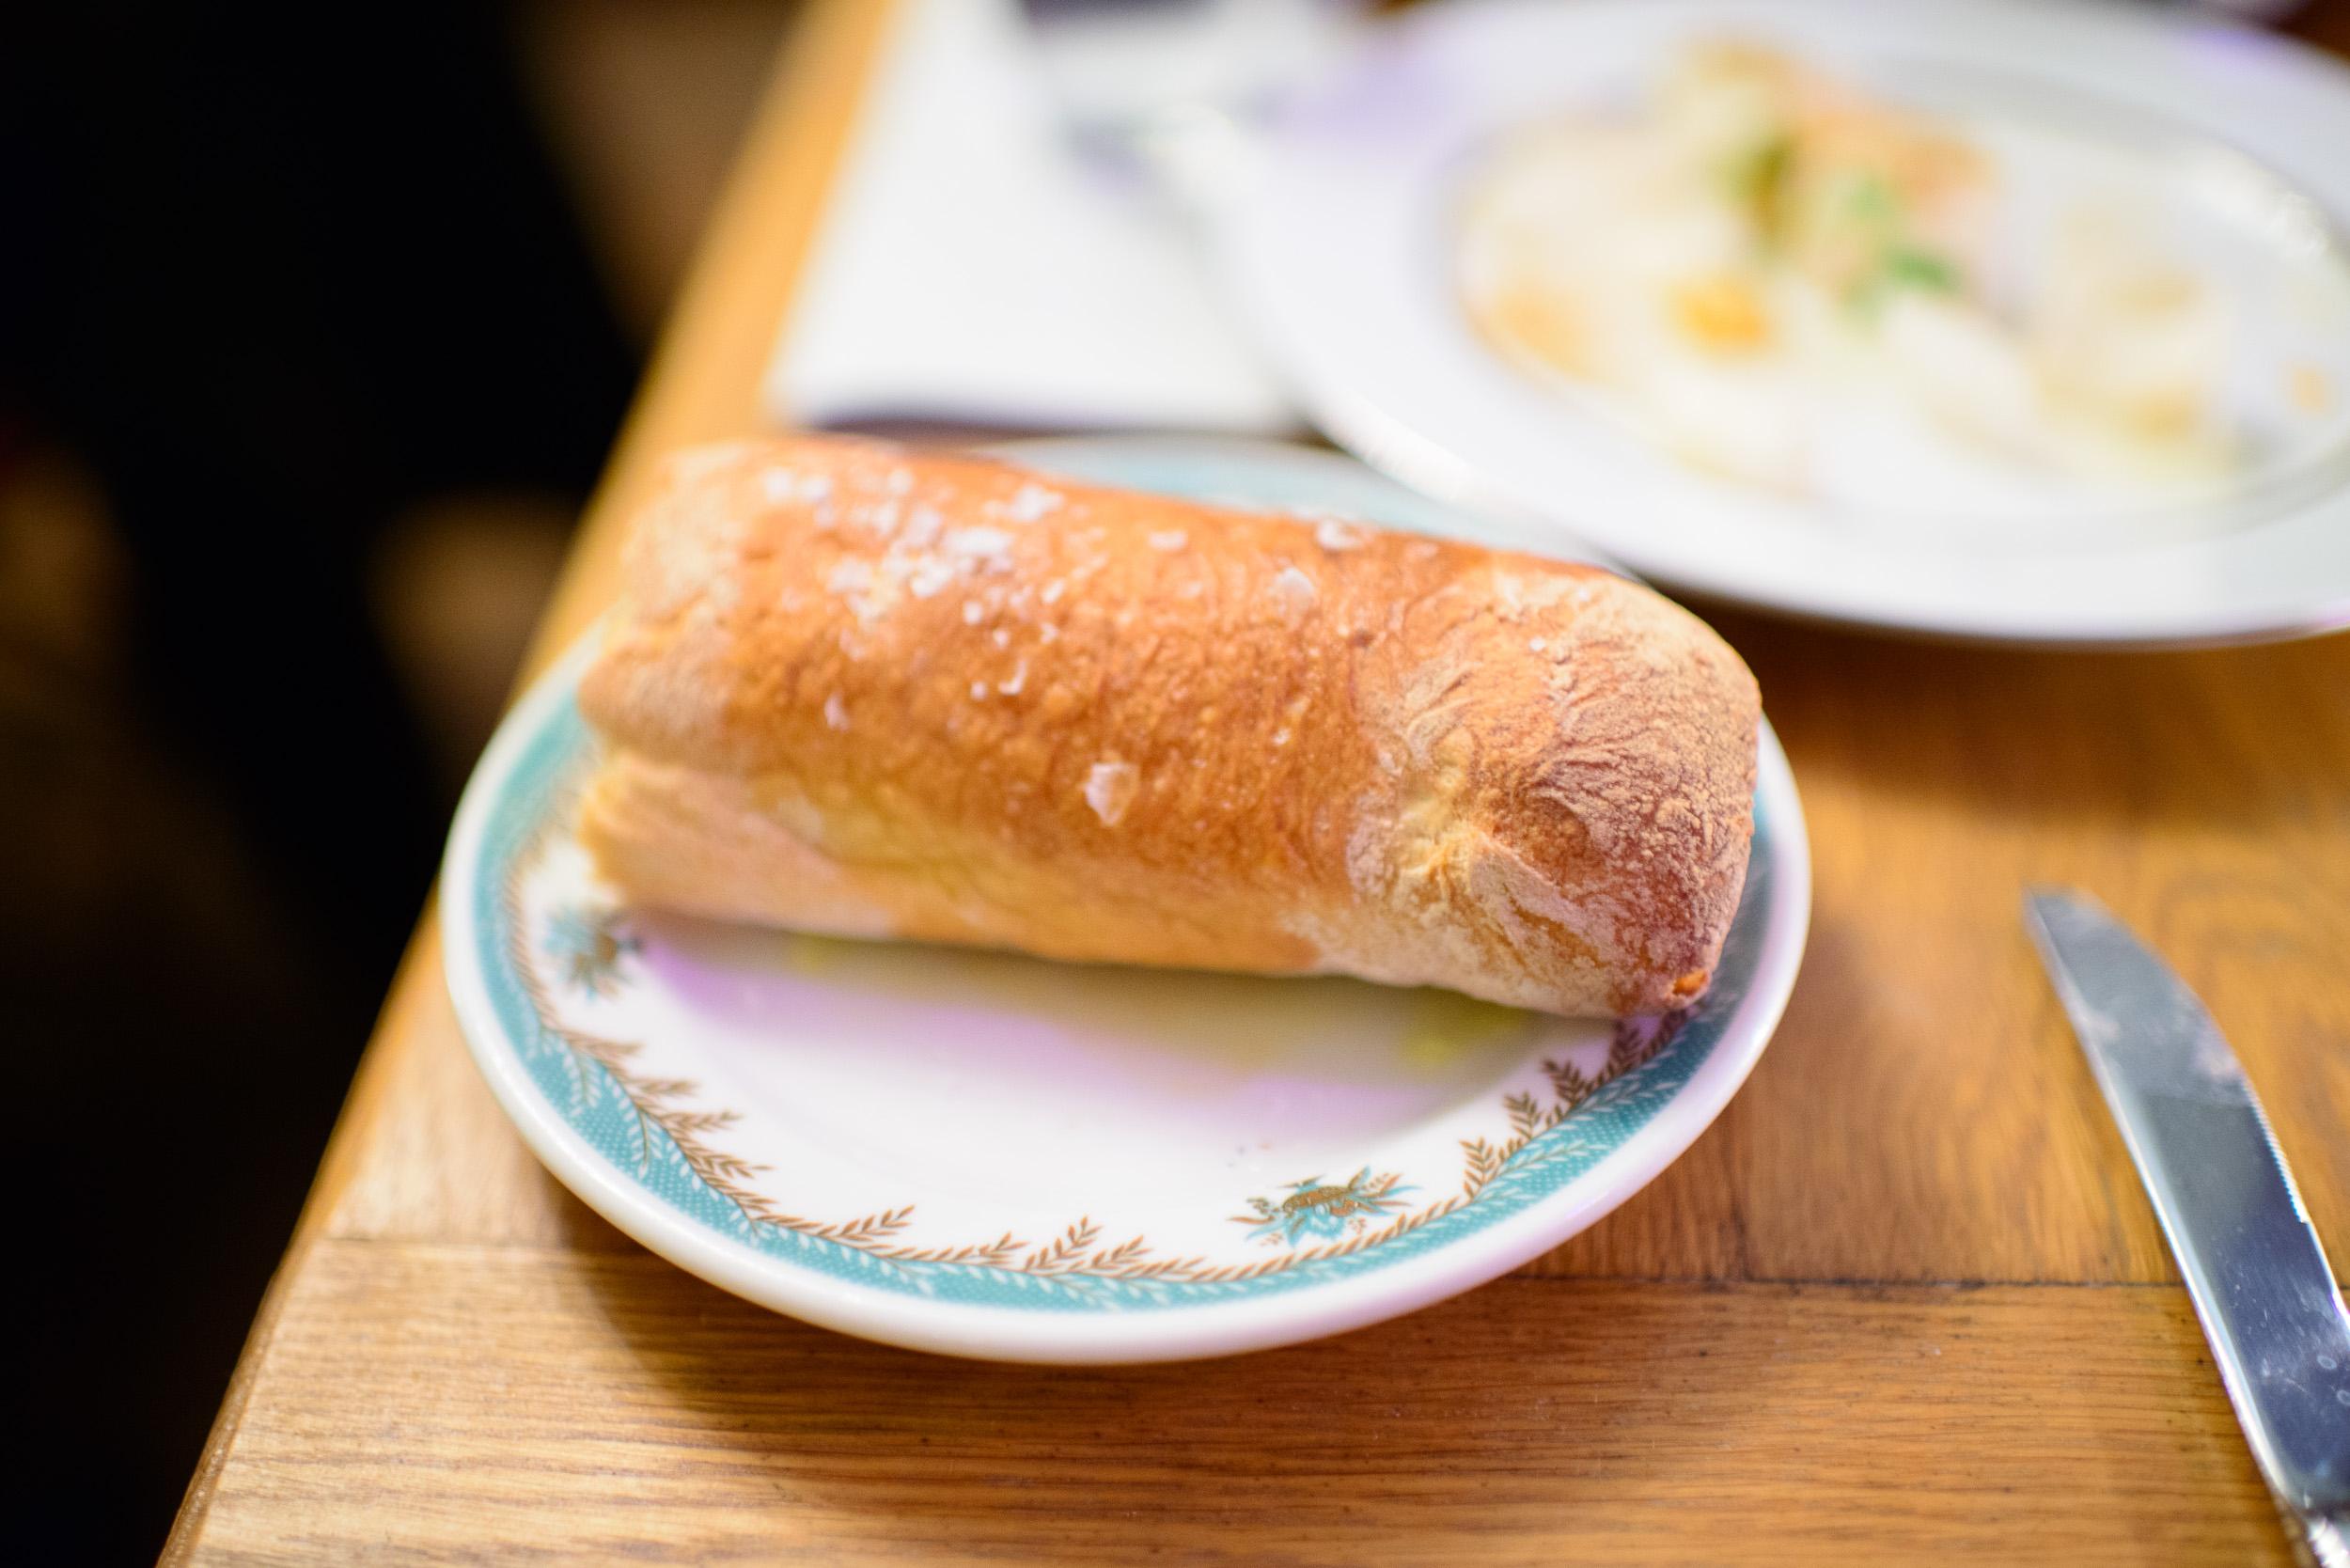 Filone bread ($6)